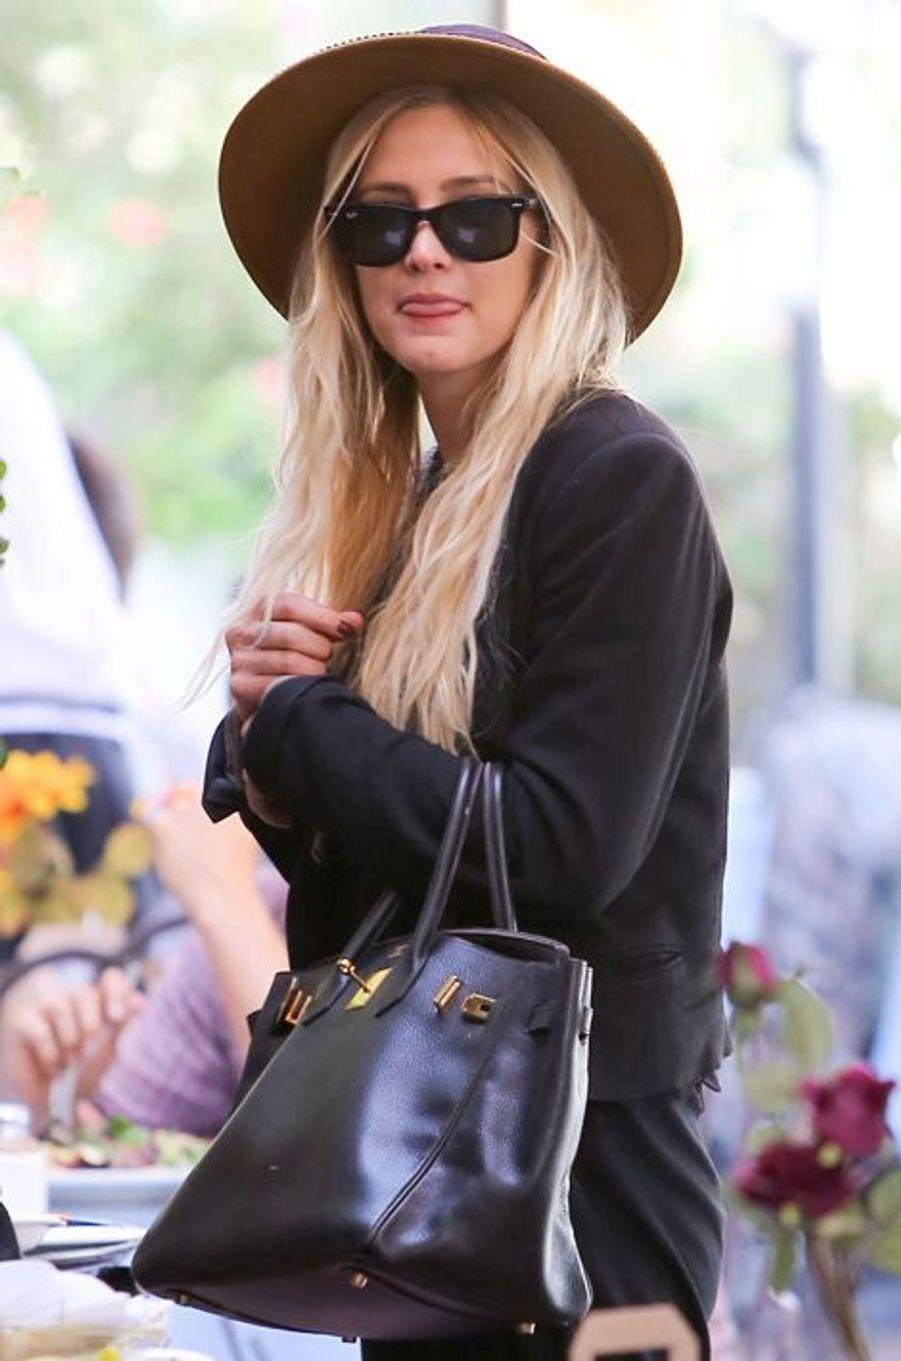 La chanteuse Ashlee Simpson déjeune à LA avec son mari et son sac Birkin en septembre 2014.